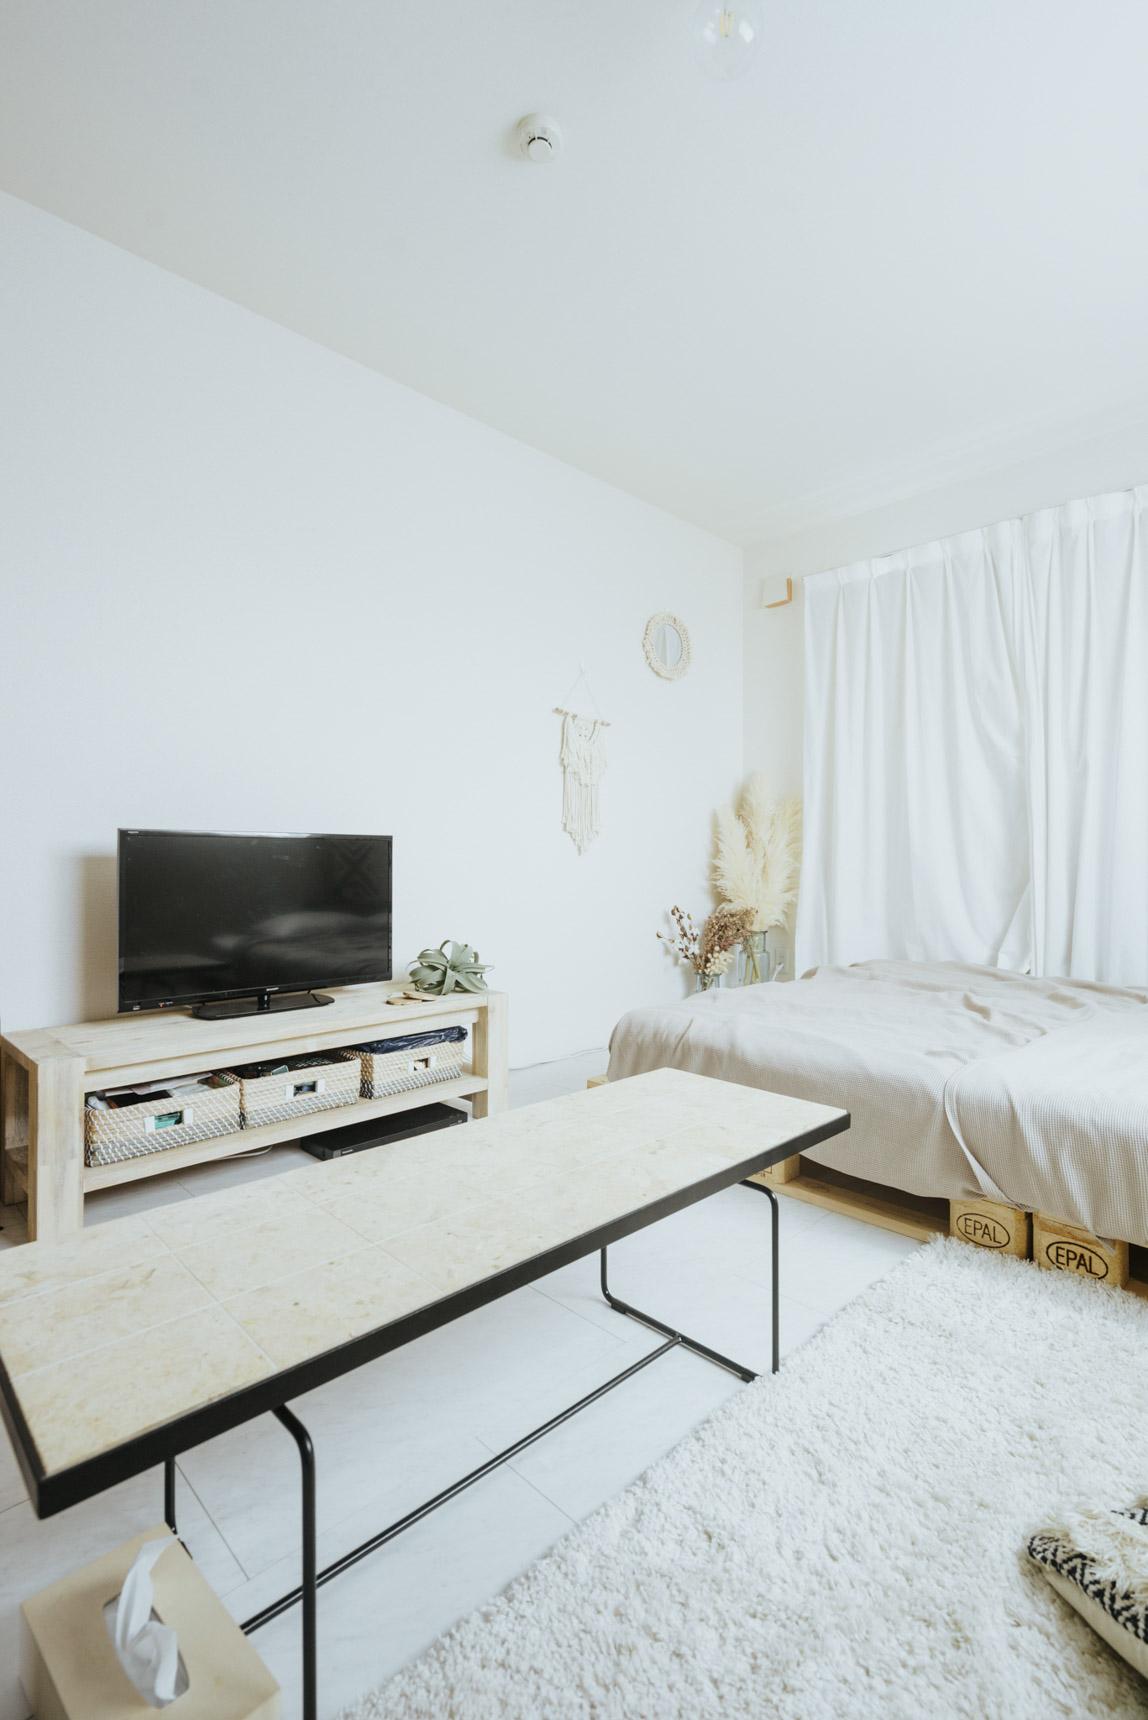 あえて自分のいるスペースにだけラグを敷くことでベッドとキッチンの間の導線を確保できるほか、「リラックススペース」として認識することができ、この場所がより居心地の良いスペースと感じられそうです。